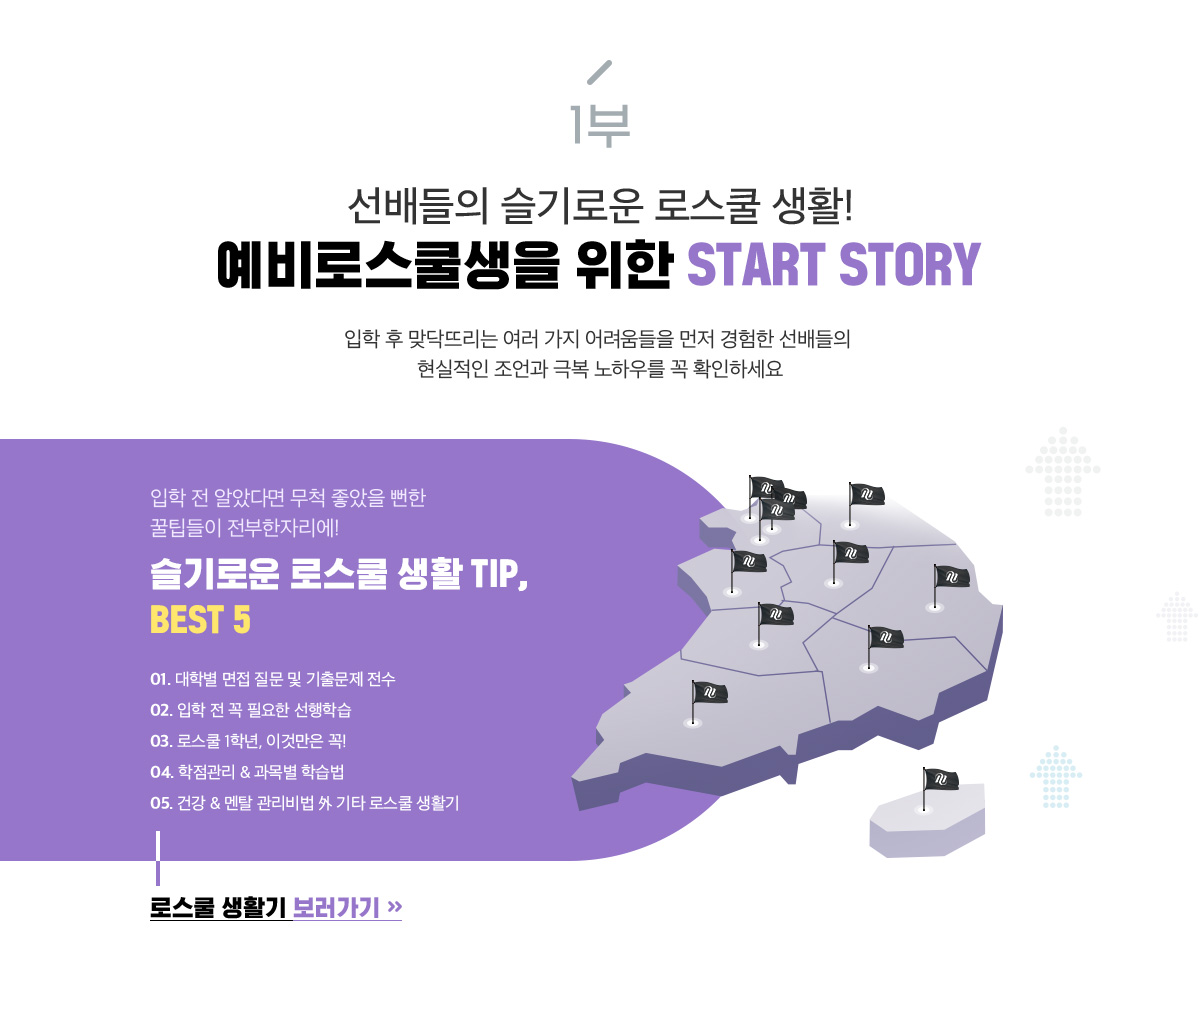 01부 선배들의 슬기로운 로스쿨 생활! 예비로스쿨생을 위한 START STORY